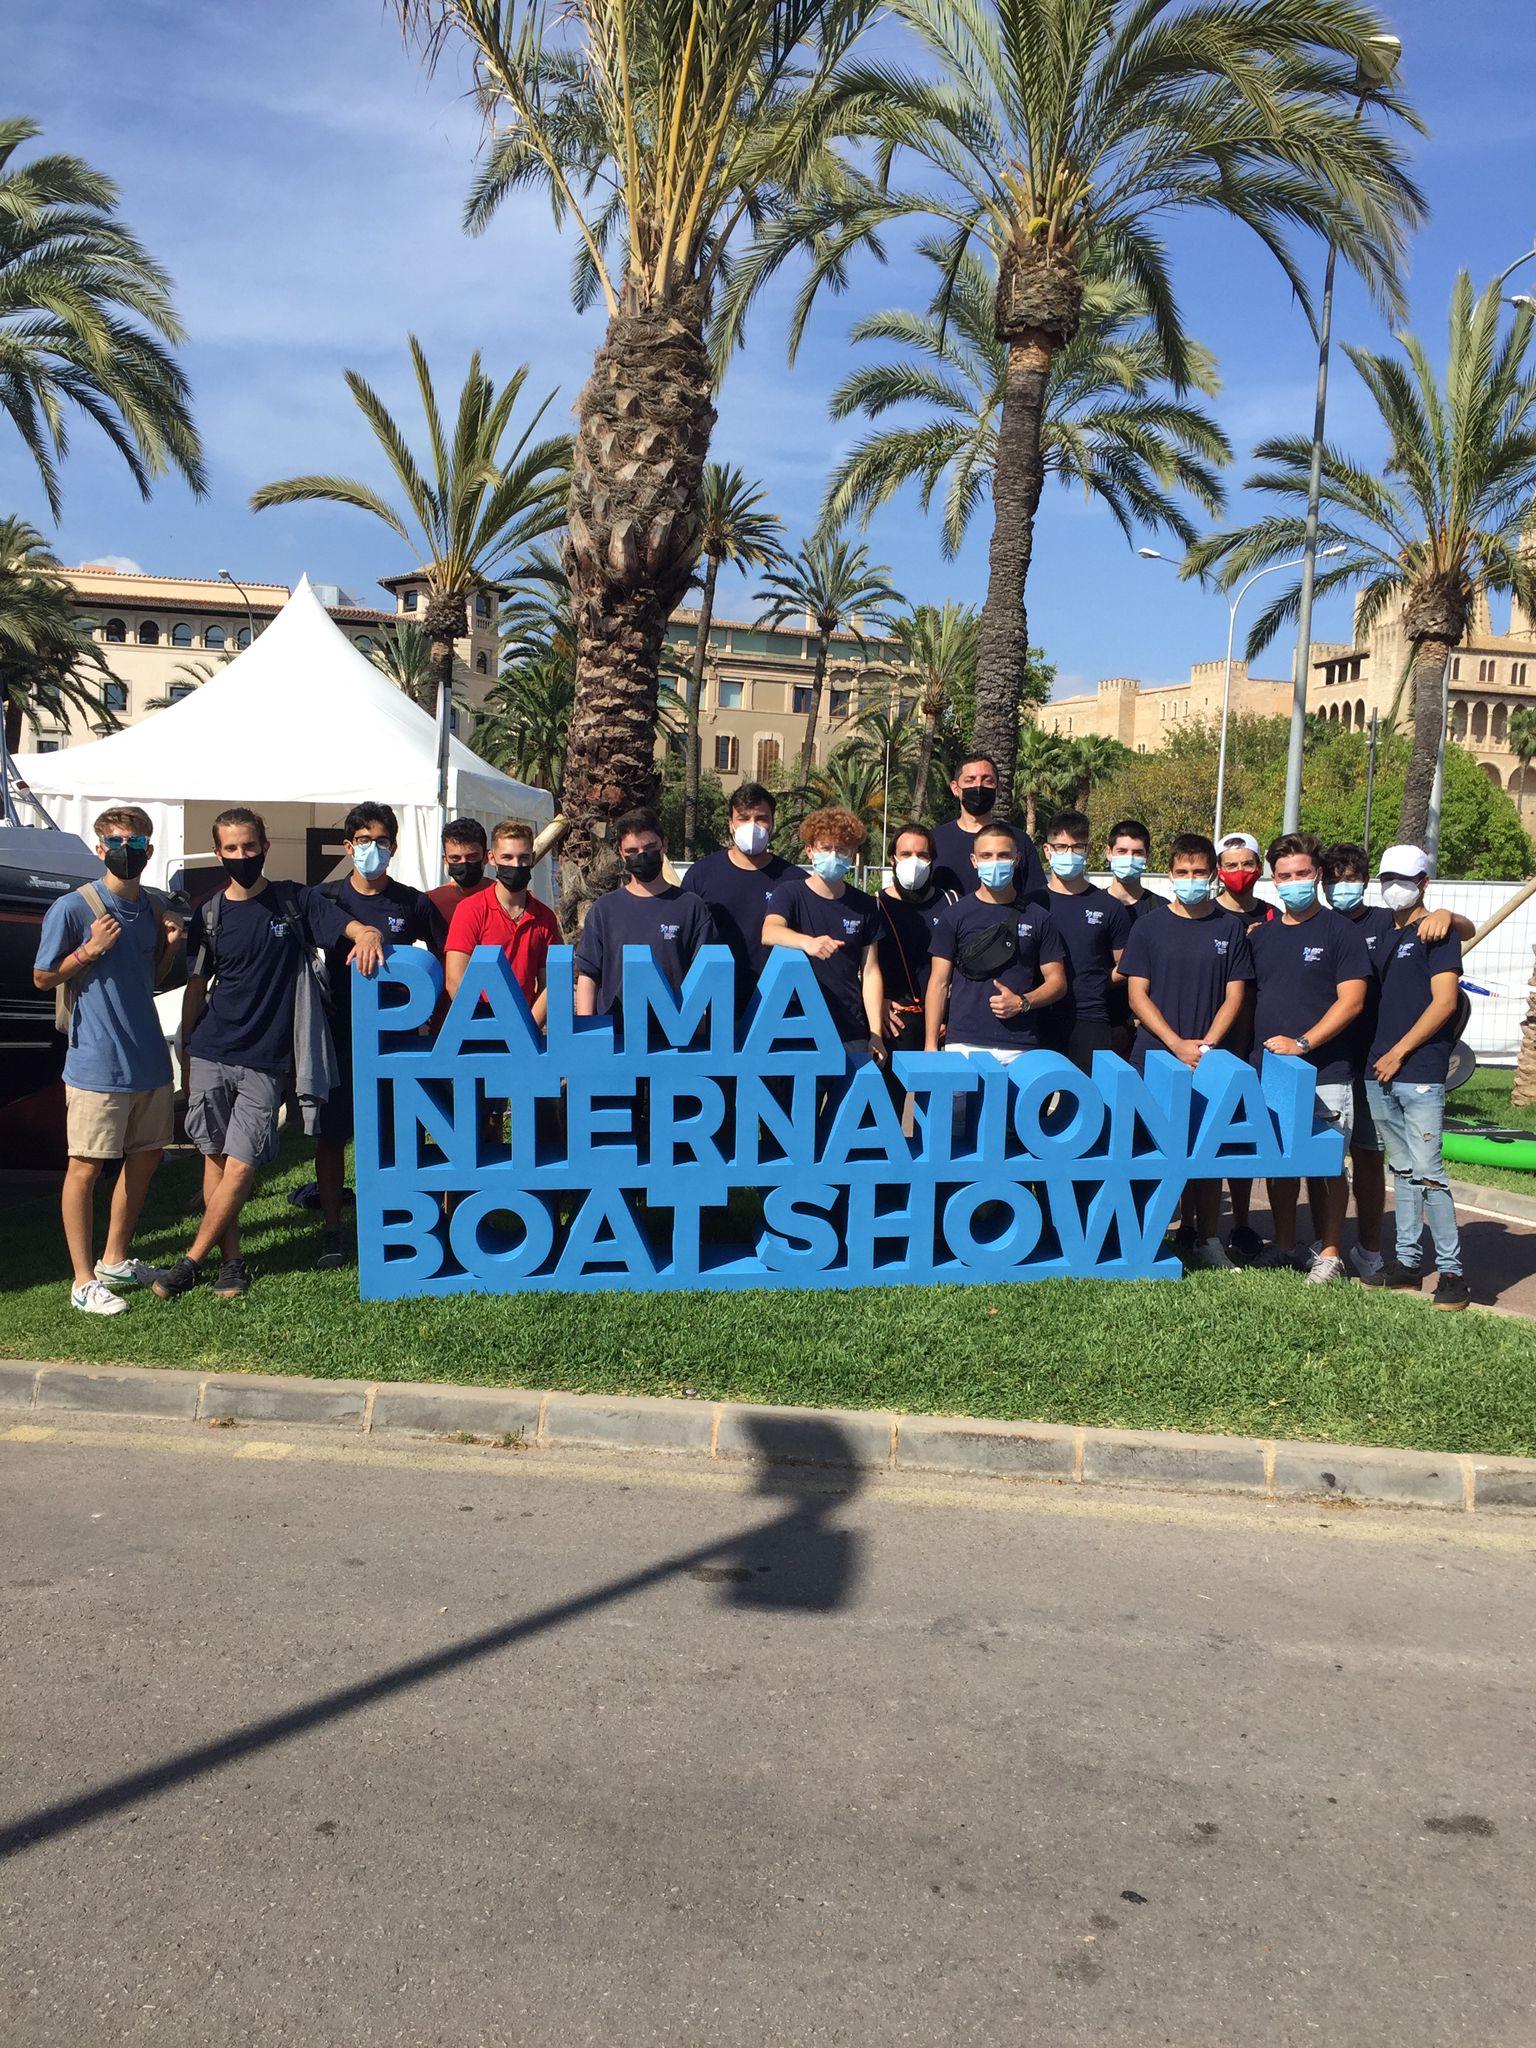 Els alumnes d'embarcacions visiten la 'Palma International Boat Show'